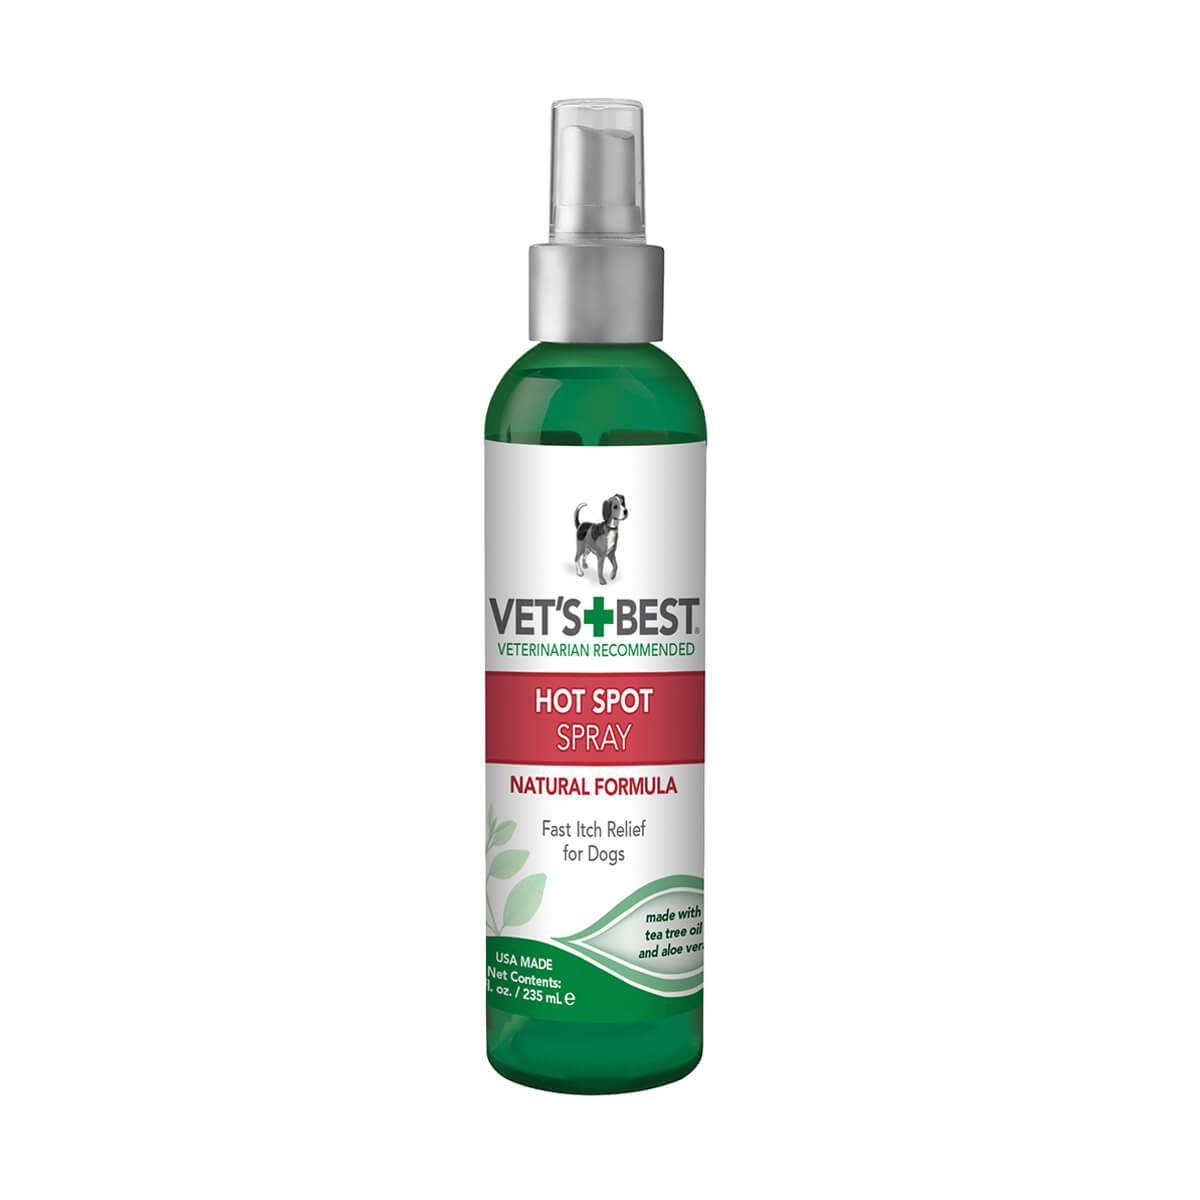 Vet's Best Hot Spot Spray Vet's Best Hot Spot Spray - 8oz